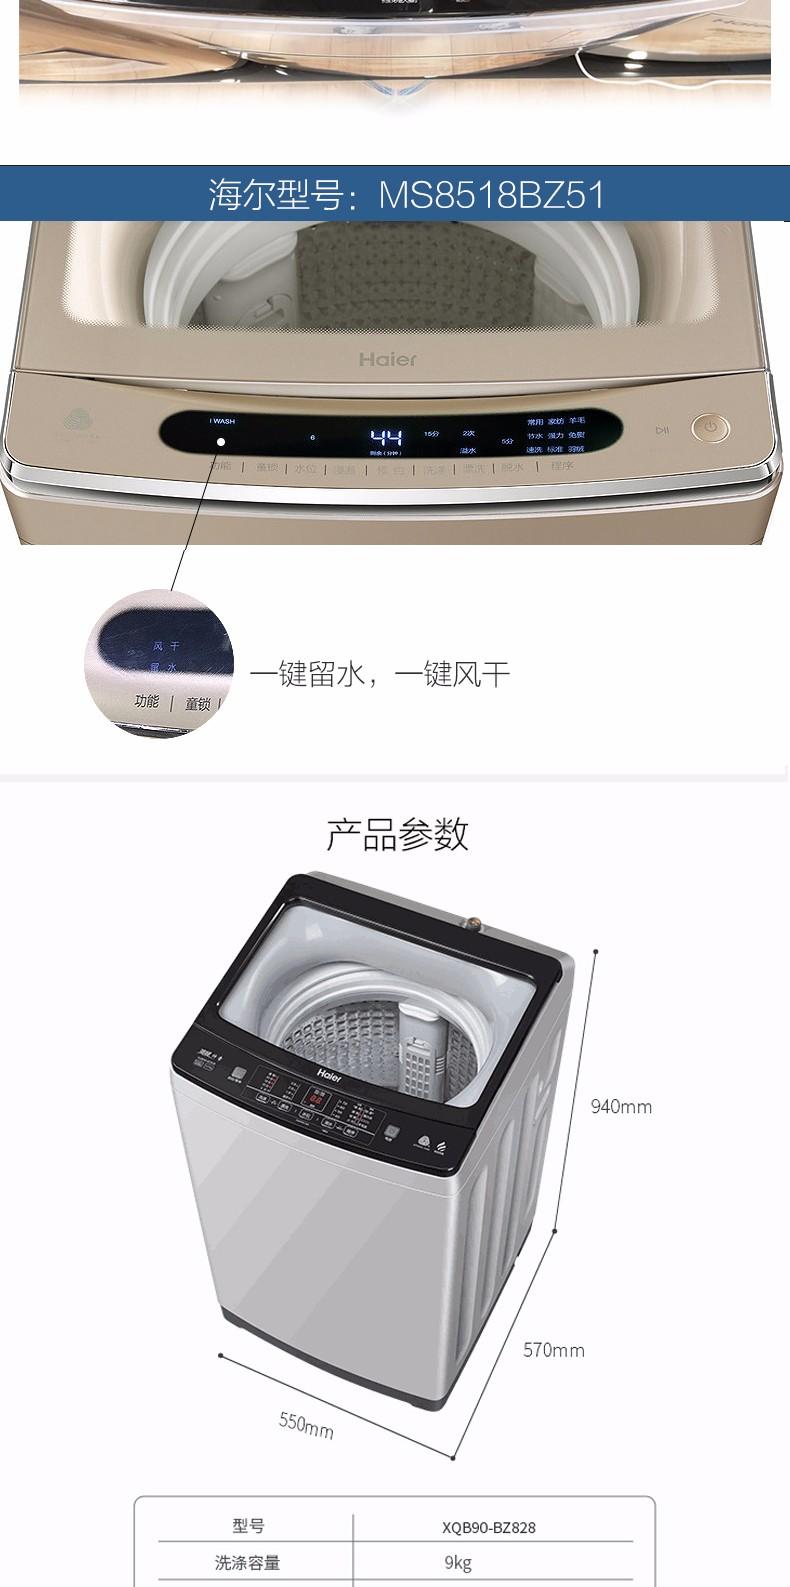 美的洗衣机XQB90-BZ828